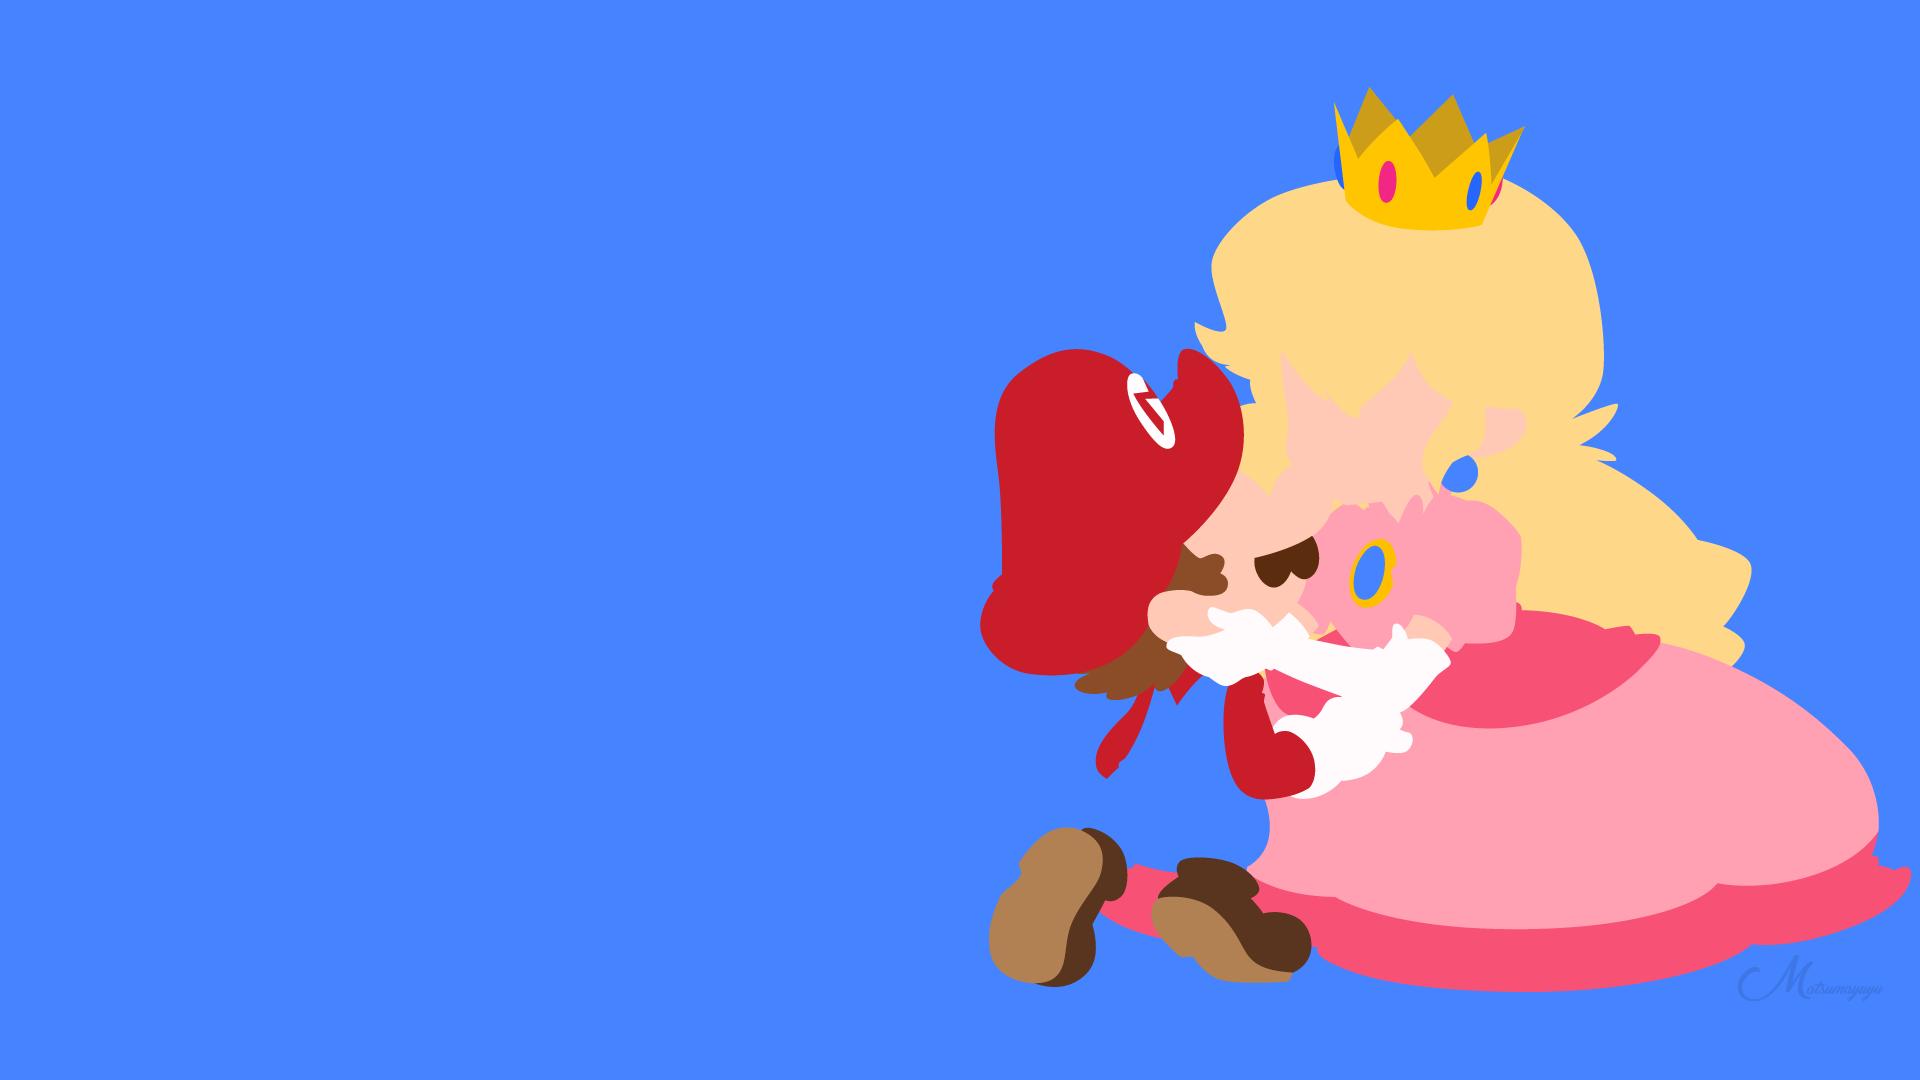 Mario Peachette Super Mario 1920x1080